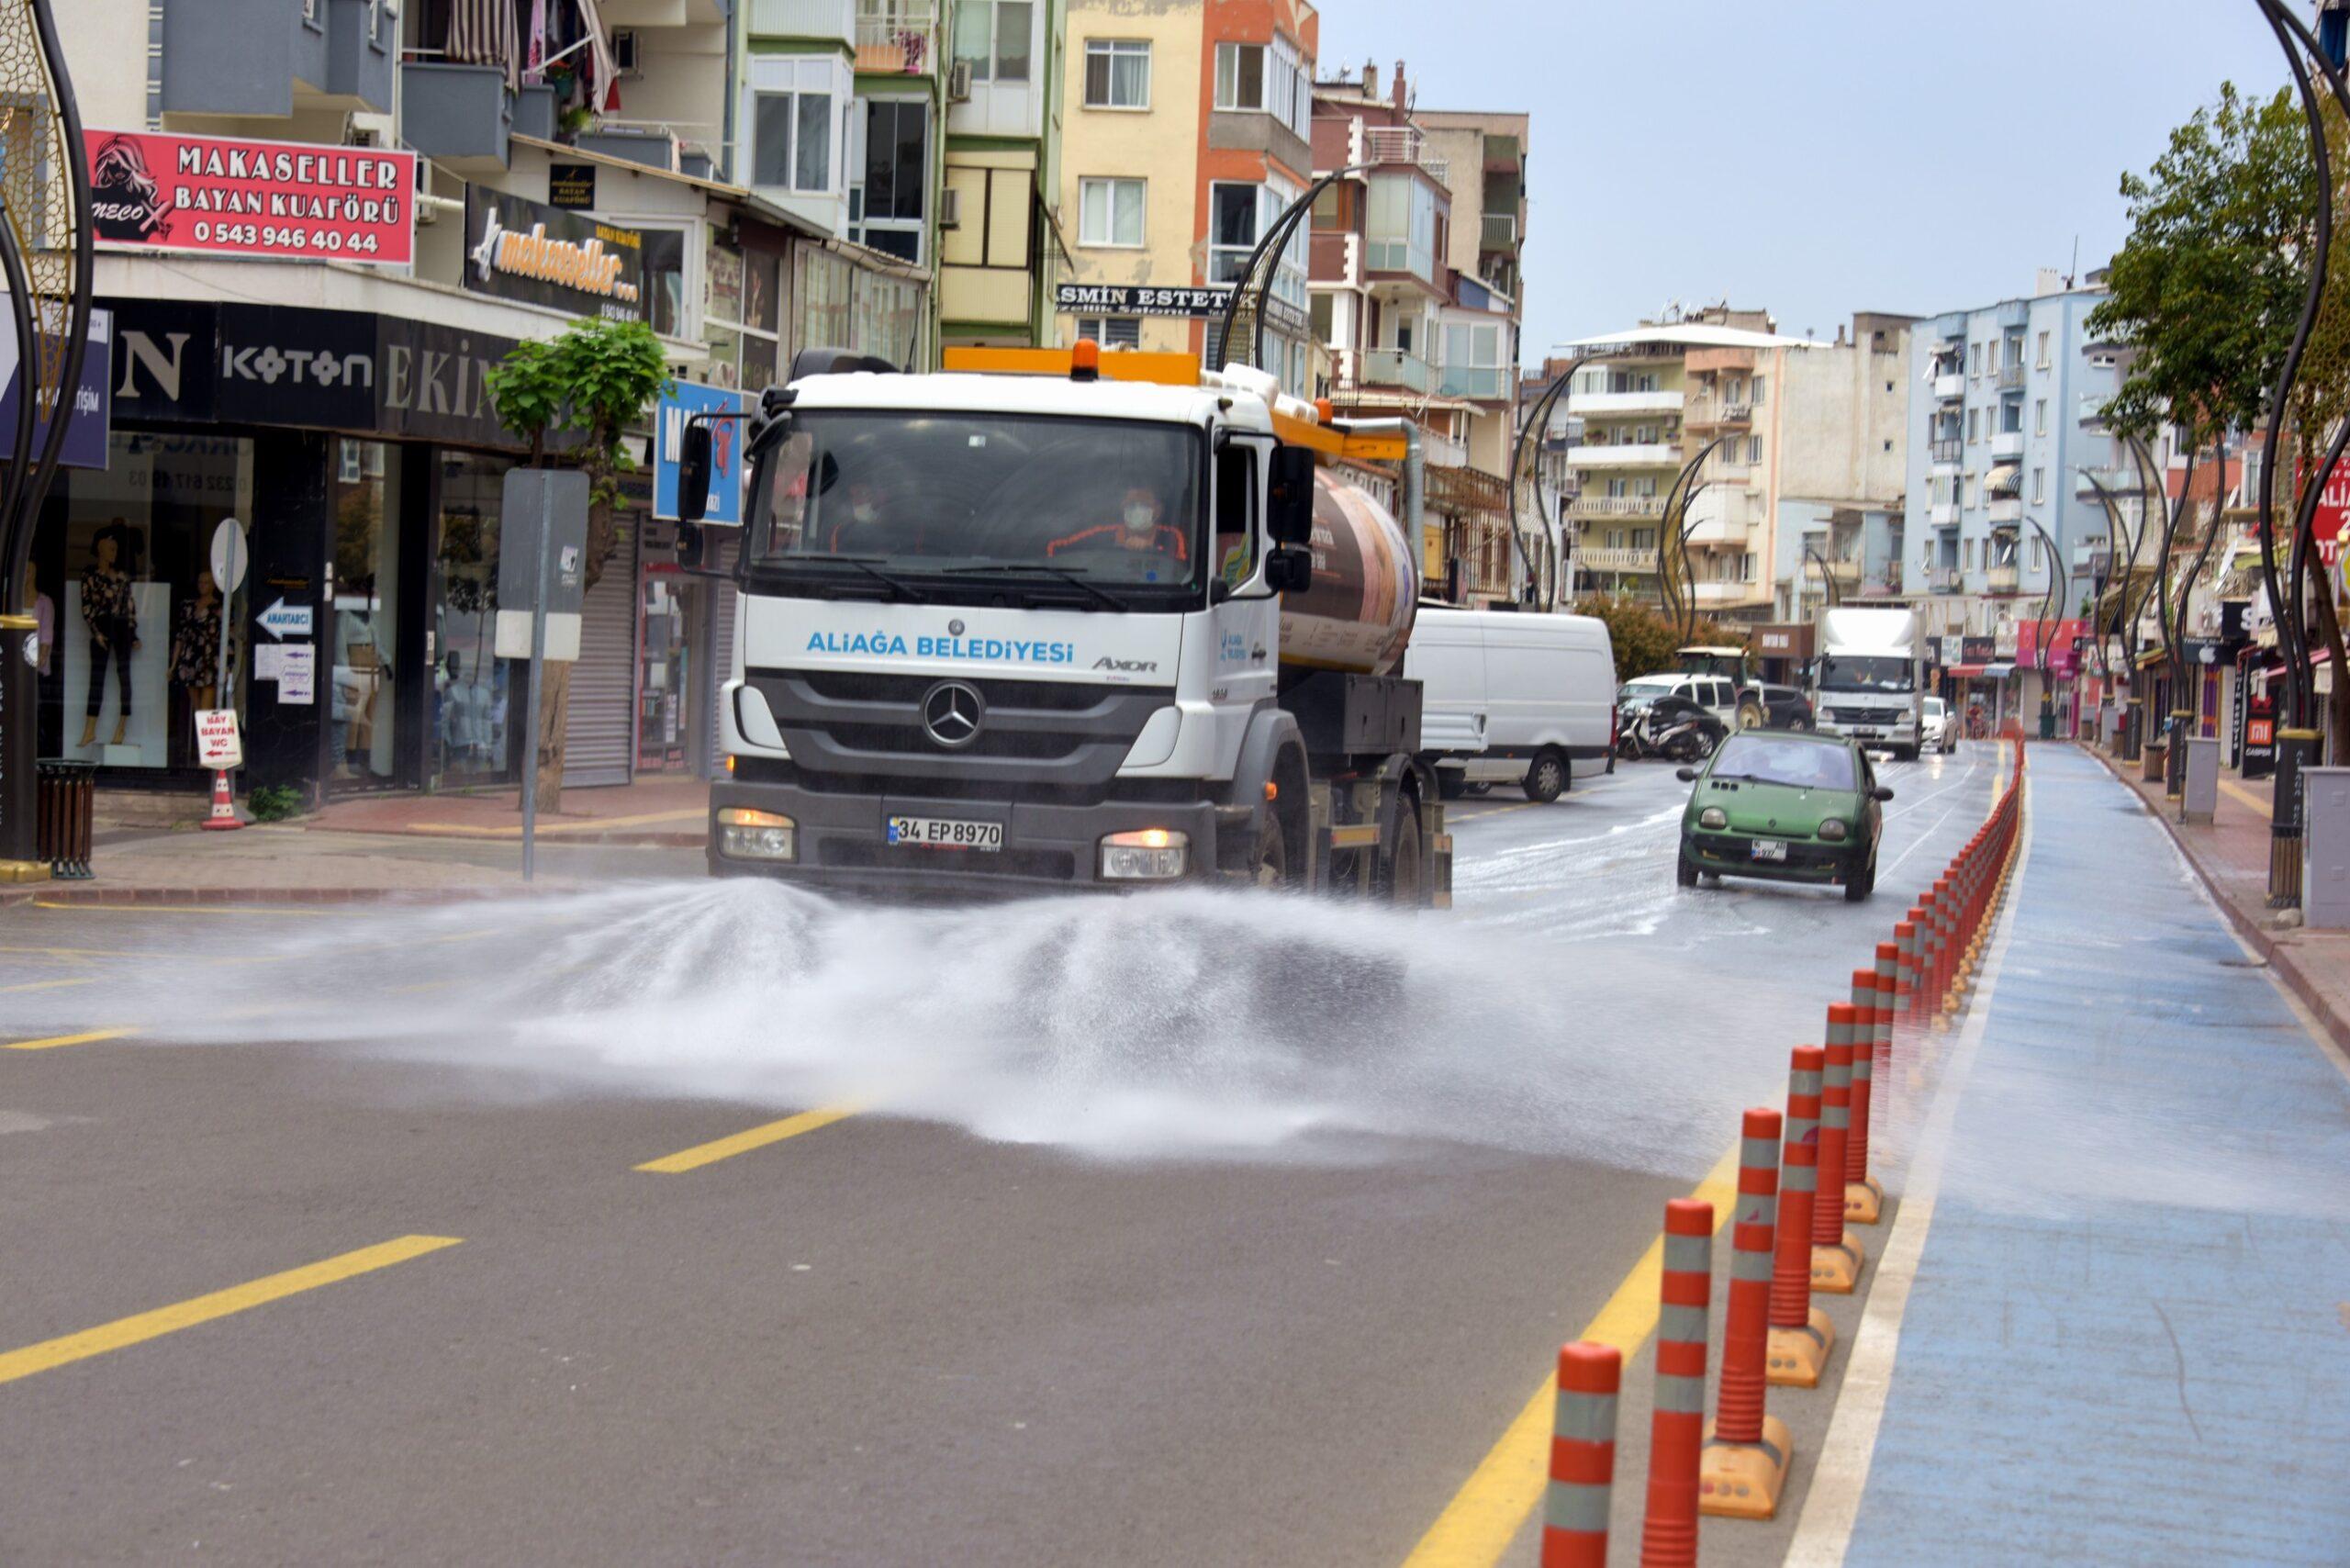 Aliağa Belediyesi'nden Bayram Temizliği..